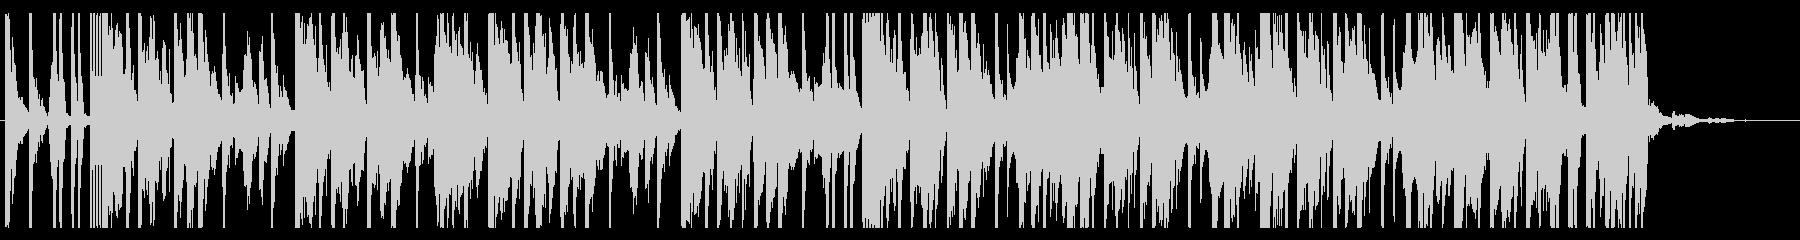 青/海/エレクトロ_No407_4の未再生の波形